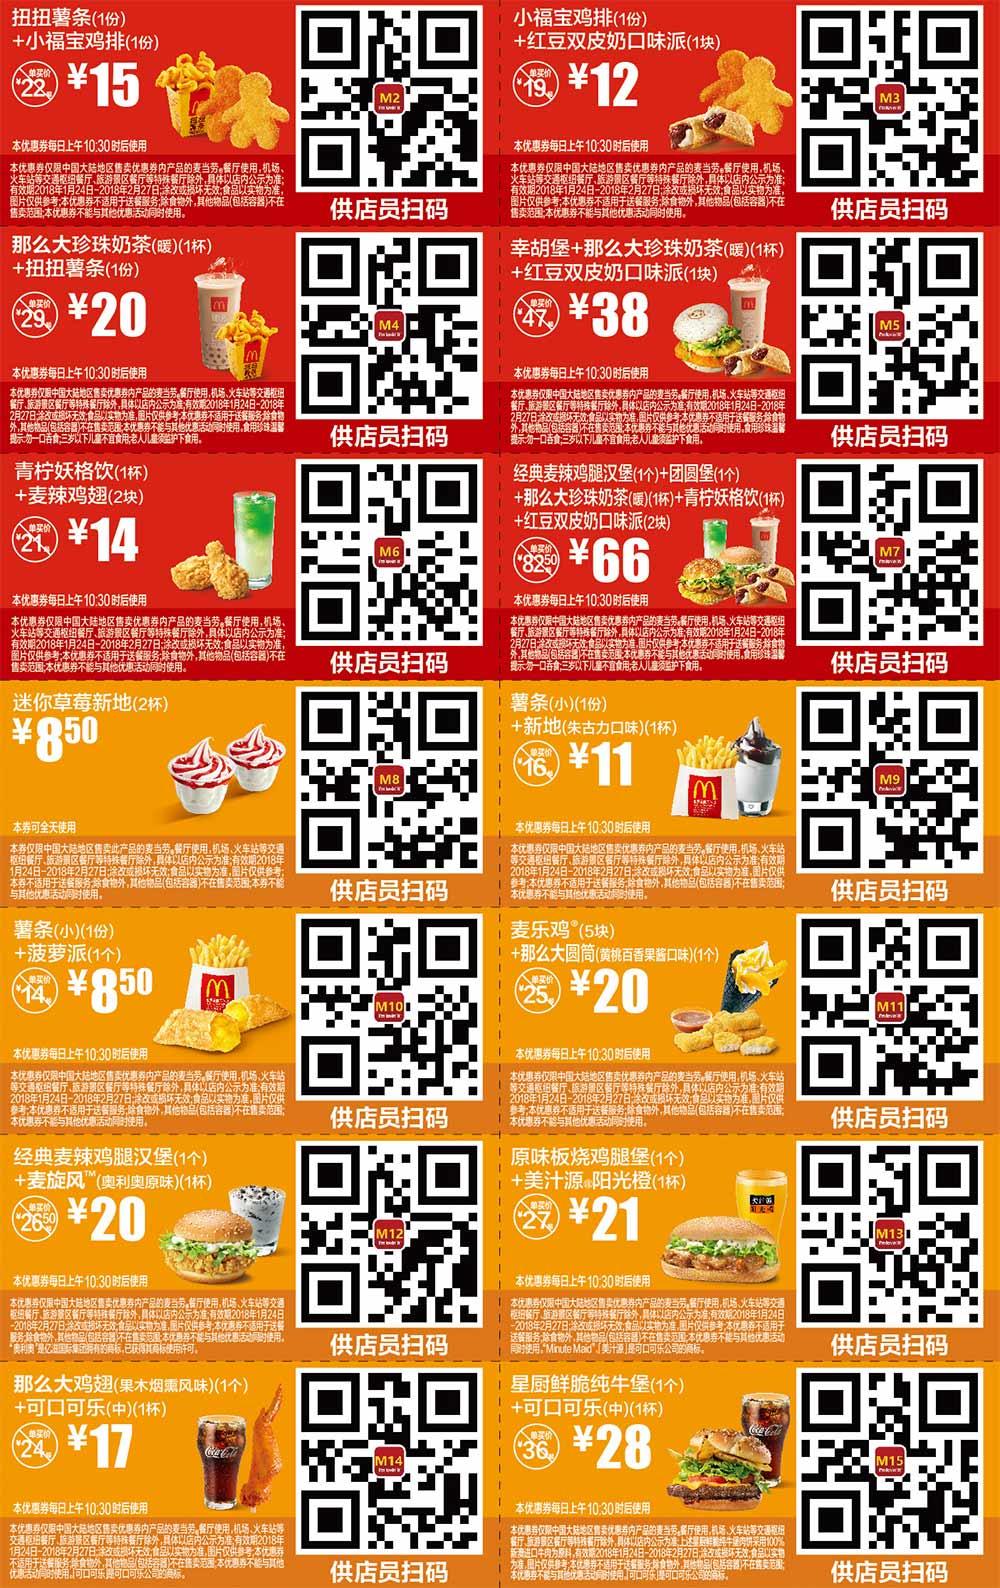 优惠券图片:麦当劳2018年1月2月份优惠券手版整张版本,点餐出示给店员扫码享优惠价 有效期2018年01月24日-2018年02月27日